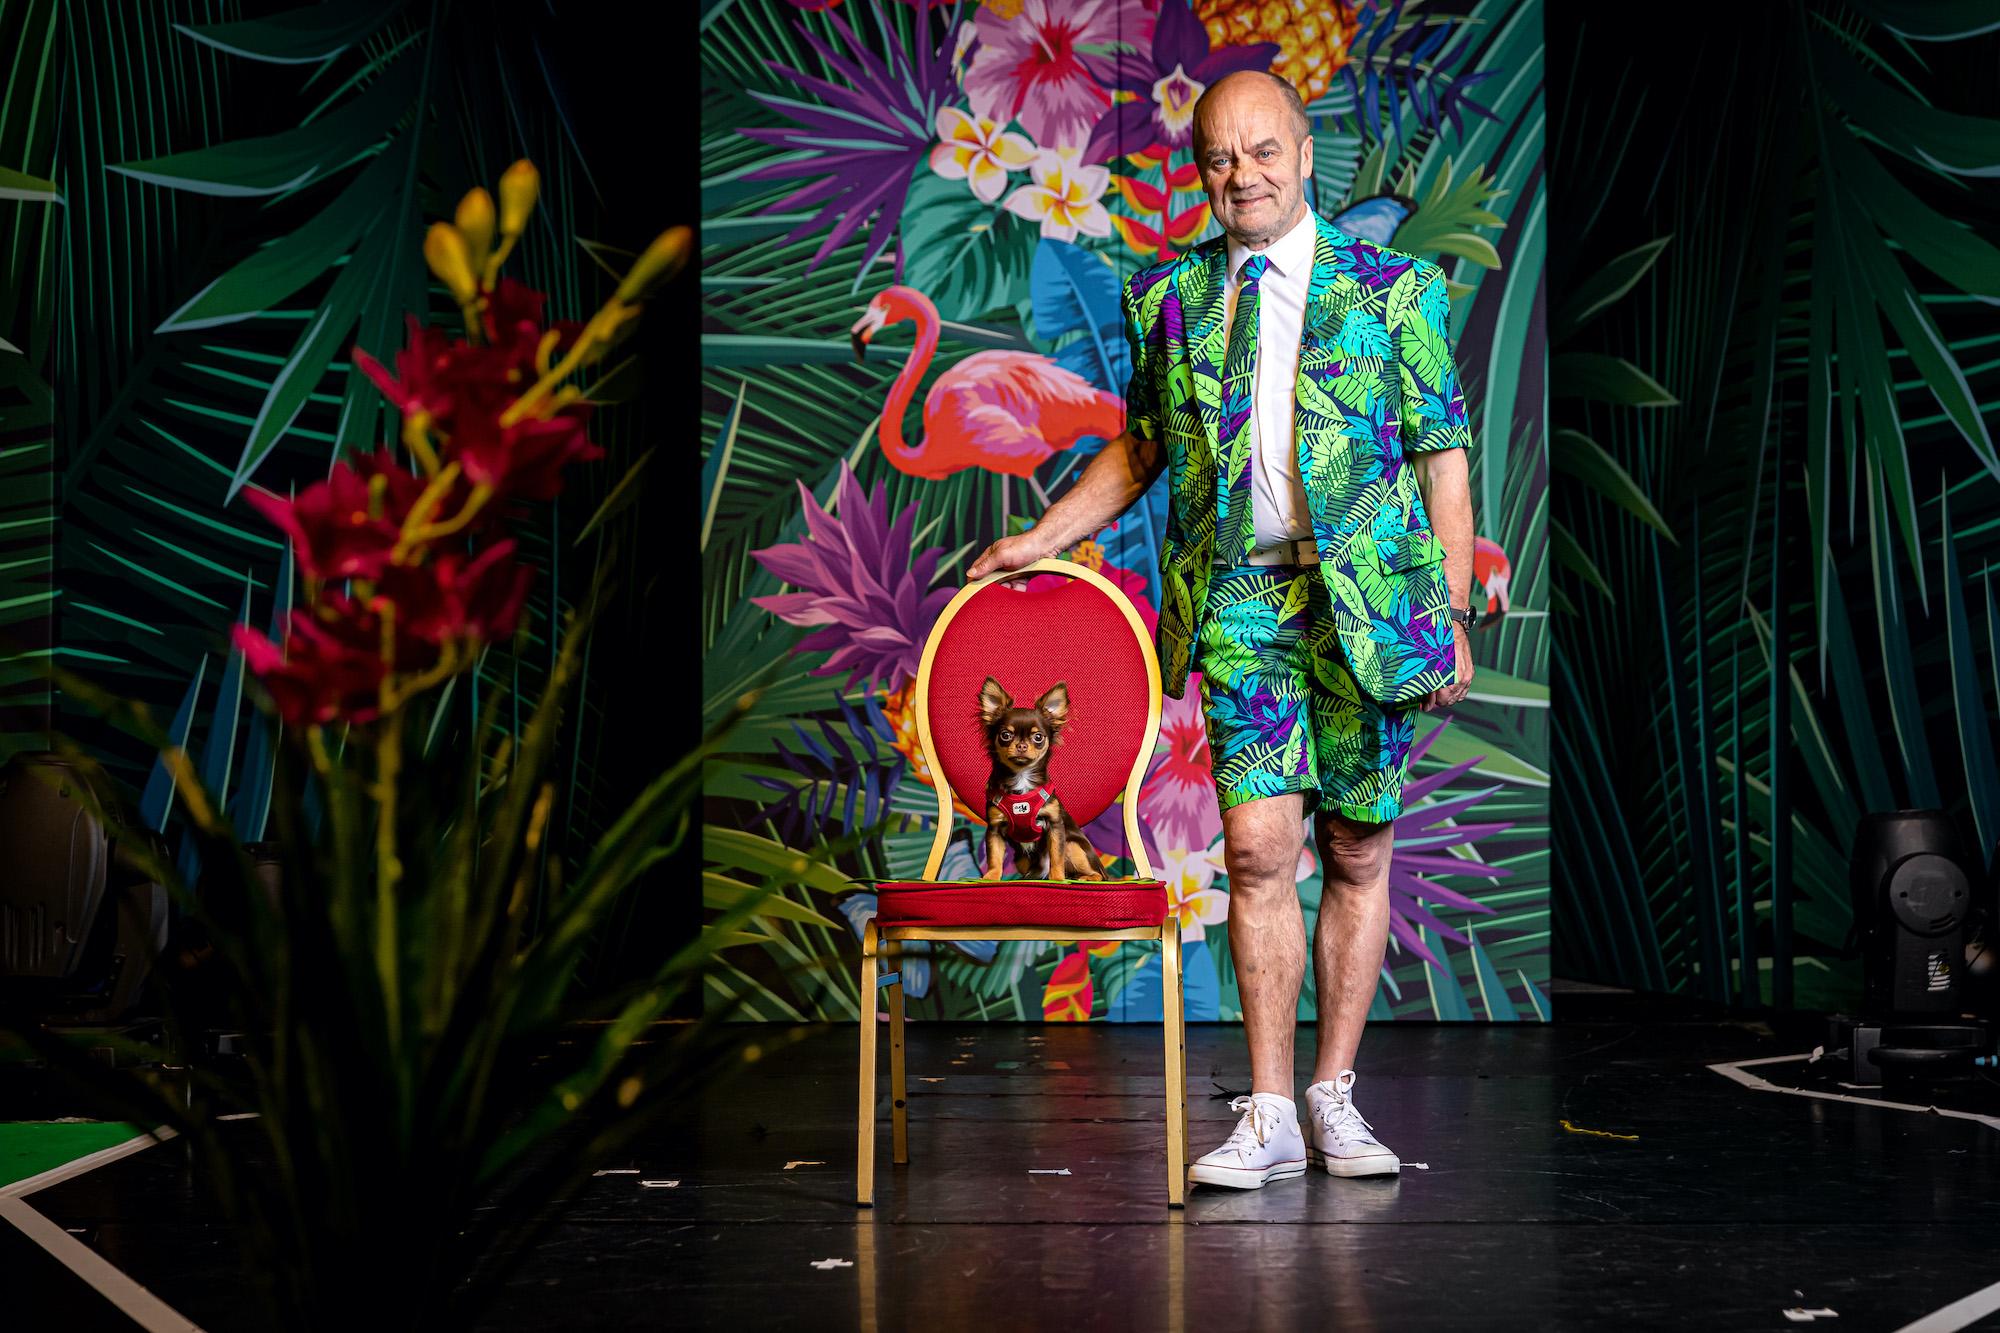 Angesichts steigender Corona-Zahlen wechseln einige Künstler vom Schmidt Theater aus Hamburg auf ein Kreuzfahrtschiff: Vom Hamburger Kiez direkt auf die Mein Schiff 1